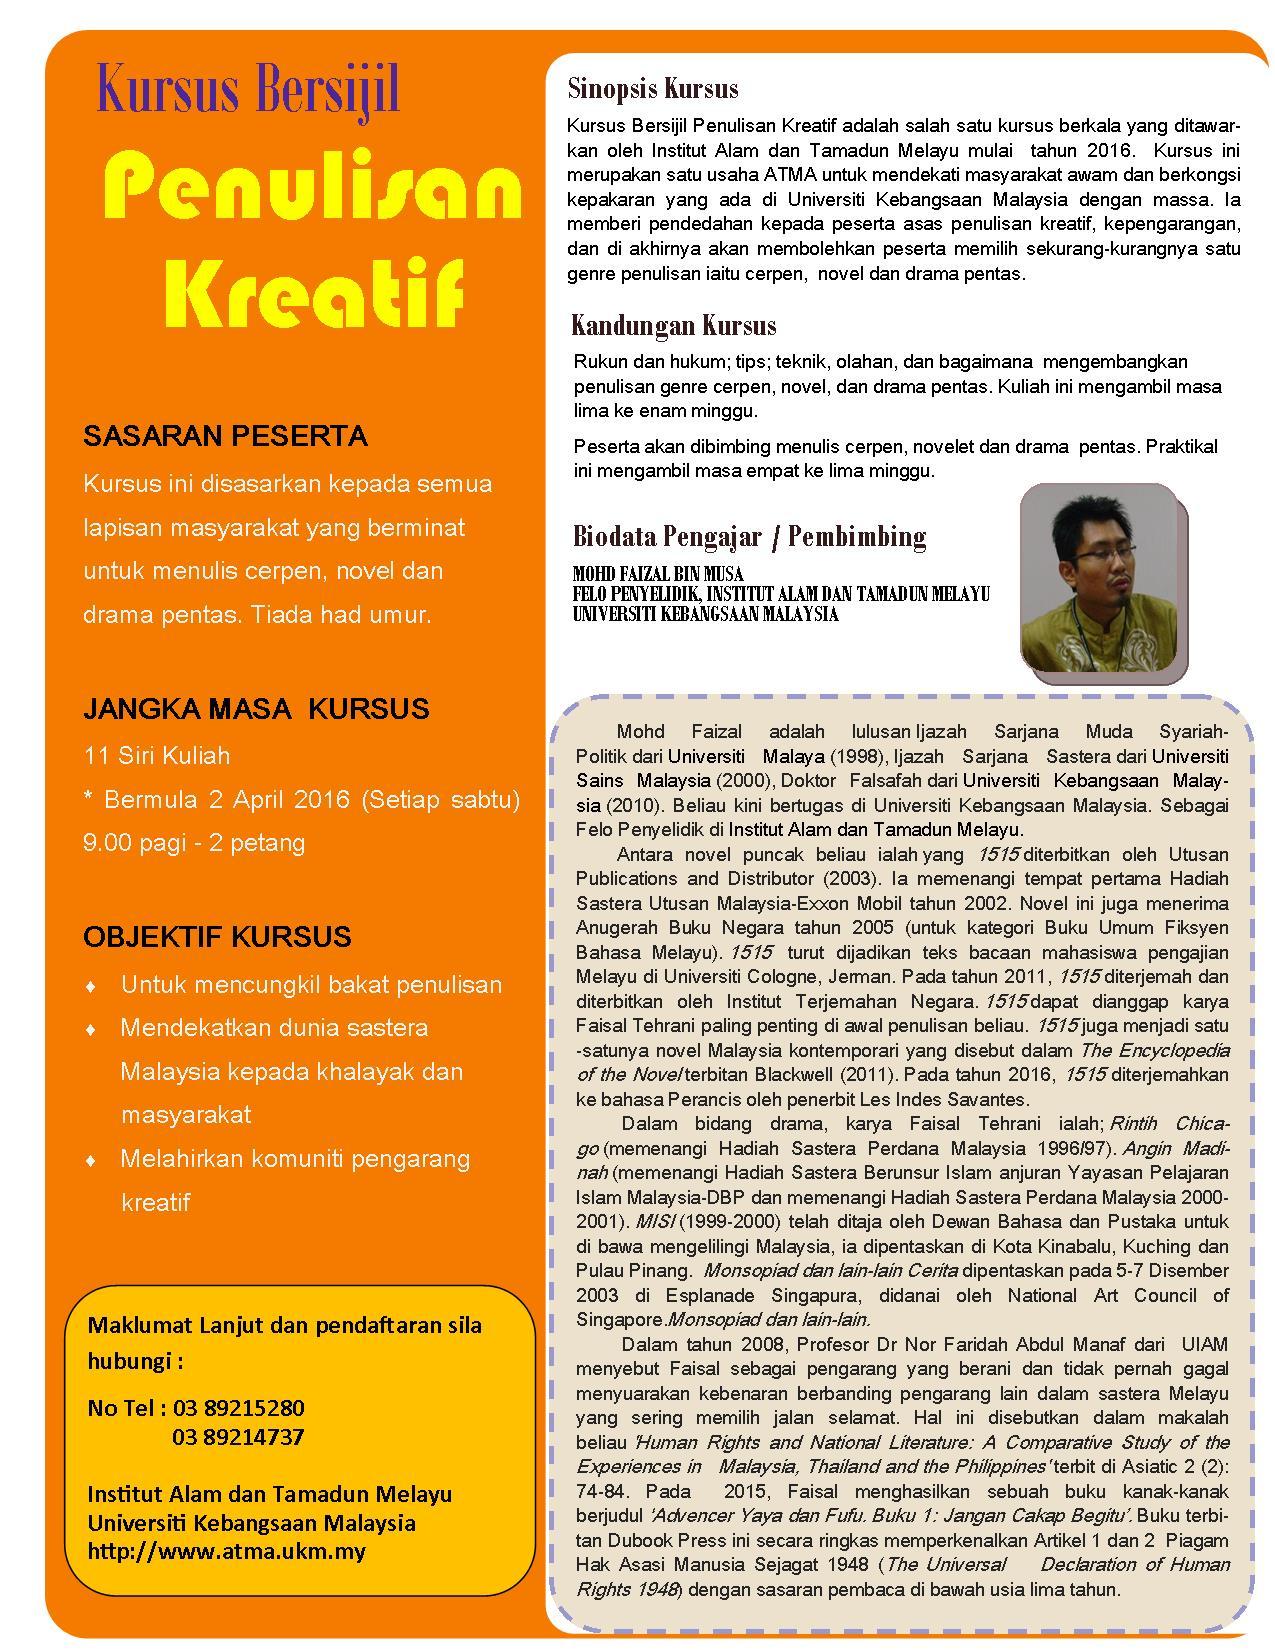 Kursus Bersijil Penulisan Kreatif Institut Alam Dan Tamadun Melayu